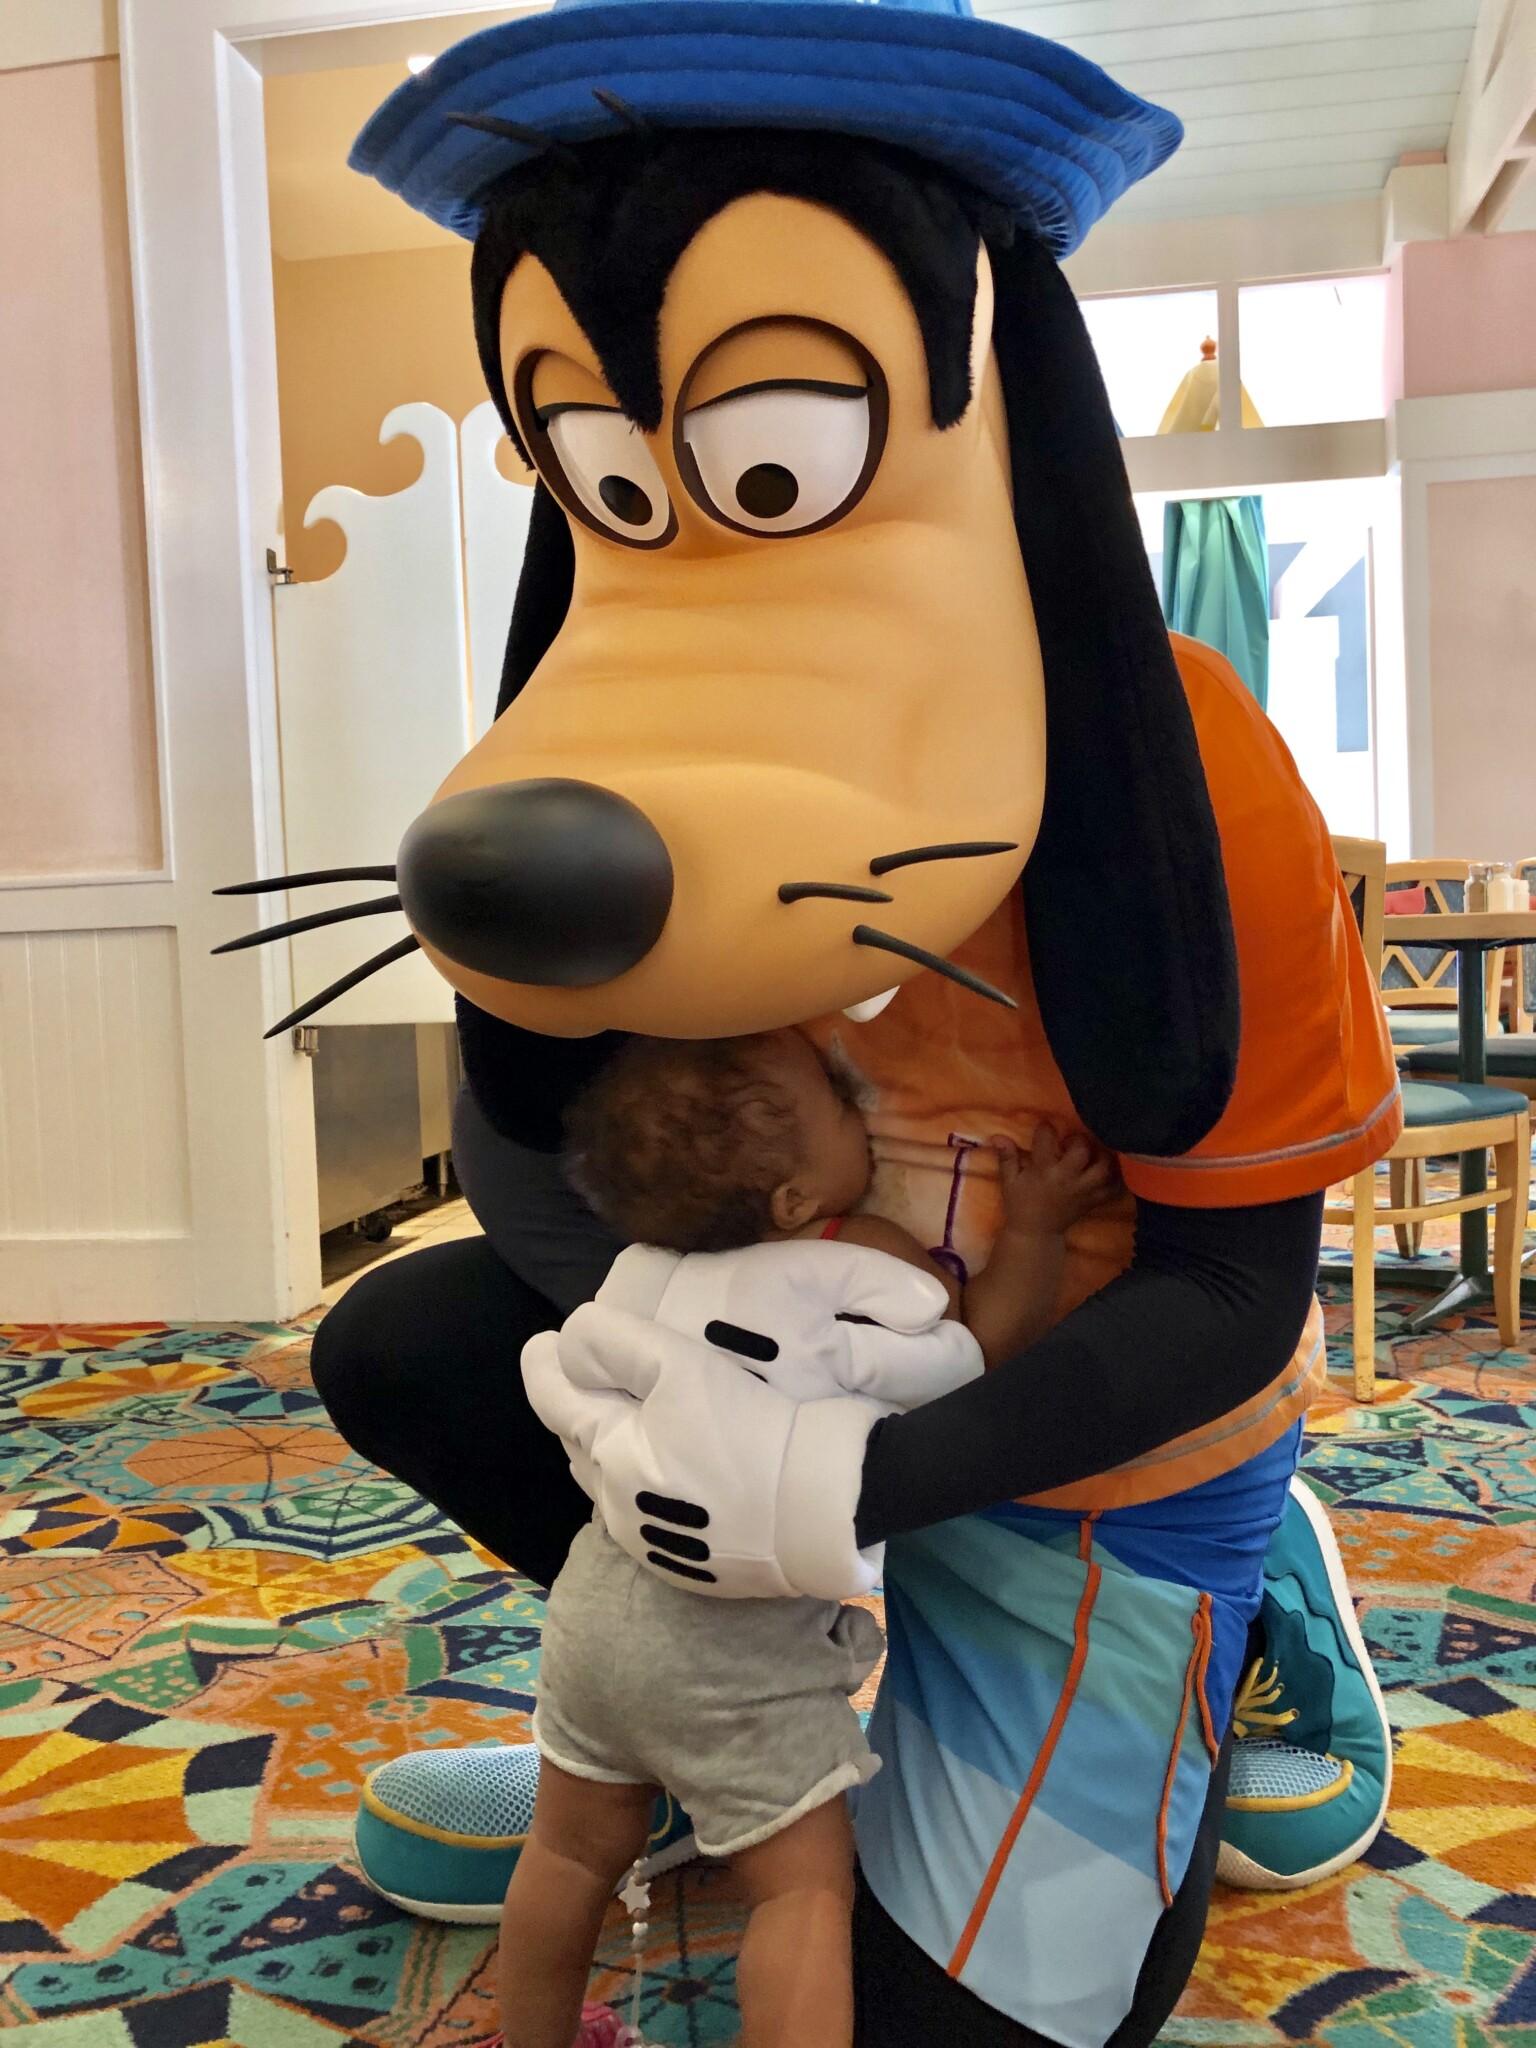 2 semaines en Floride avec un bébé de 1 an - Séjour du 2 au 16 mai 2019 DCL + WDW - Page 18 IMG_1099-1536x2048